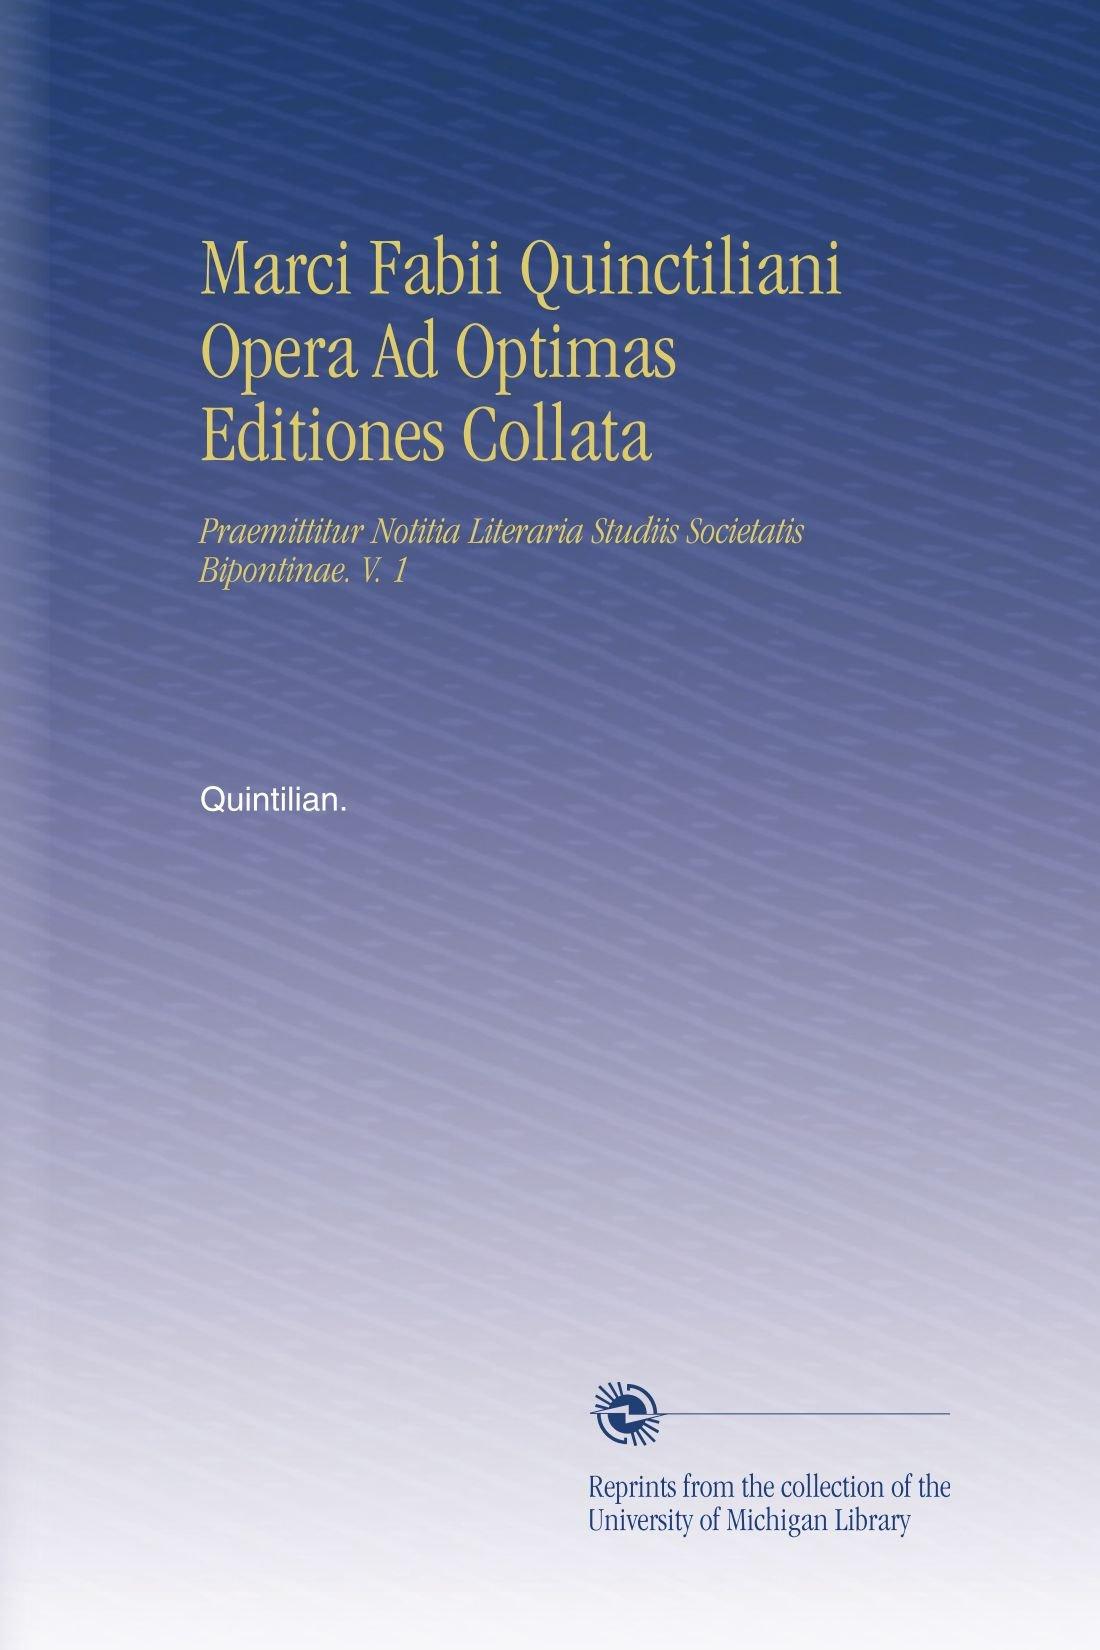 Download Marci Fabii Quinctiliani Opera Ad Optimas Editiones Collata: Praemittitur Notitia Literaria Studiis Societatis Bipontinae. V. 1 (Latin Edition) pdf